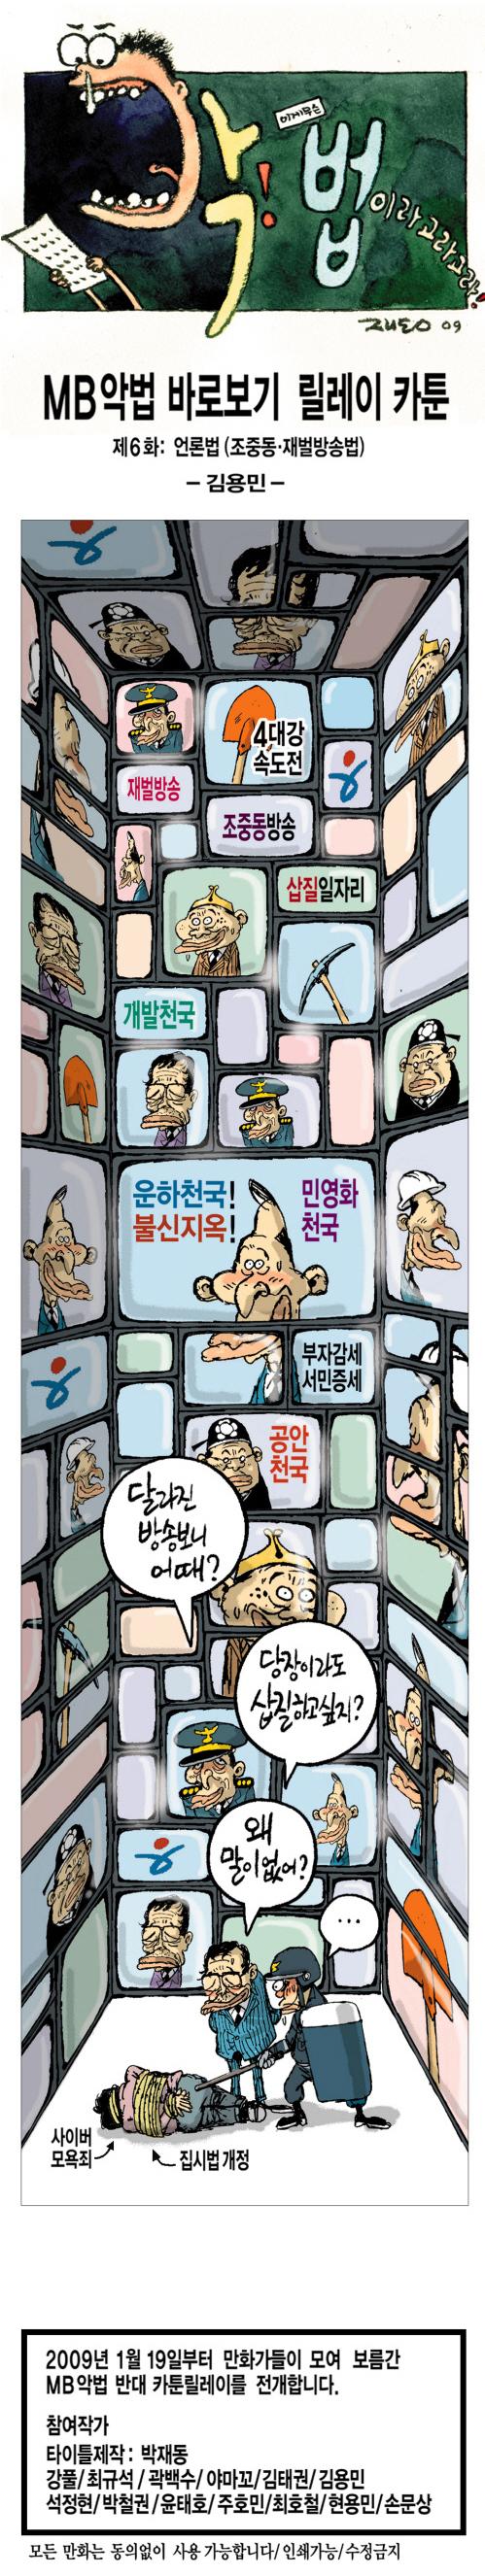 MB악법 저지 - 김용민, 언론법